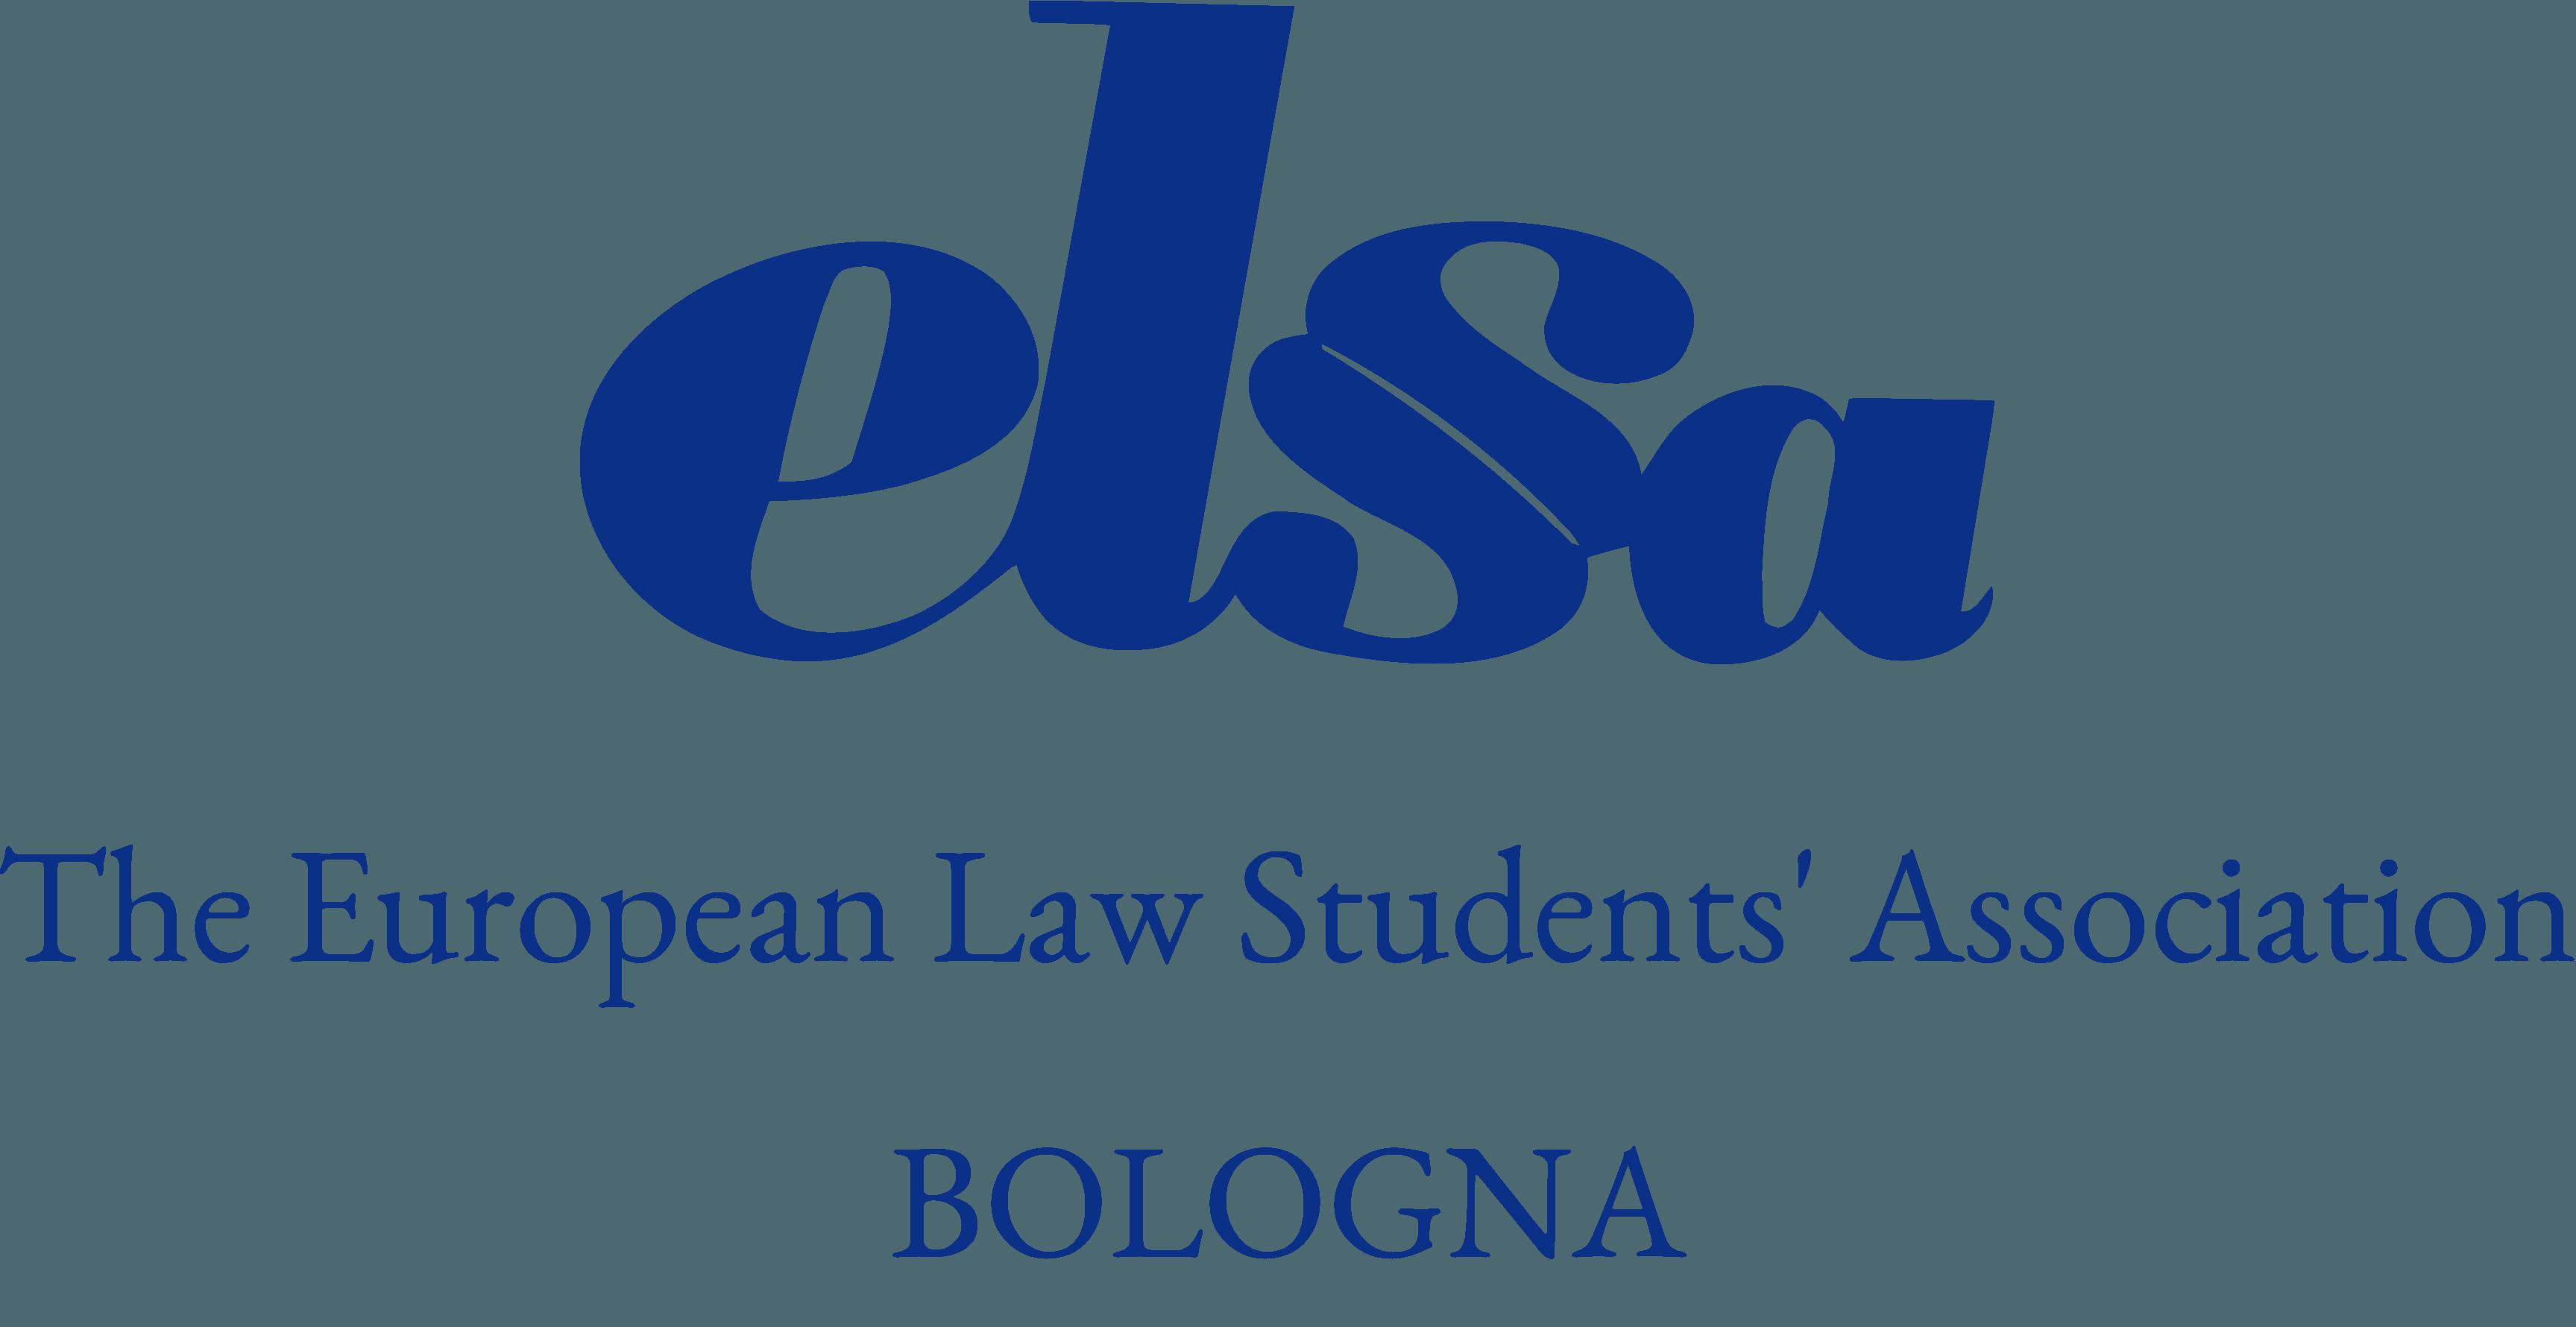 ELSA Bologna